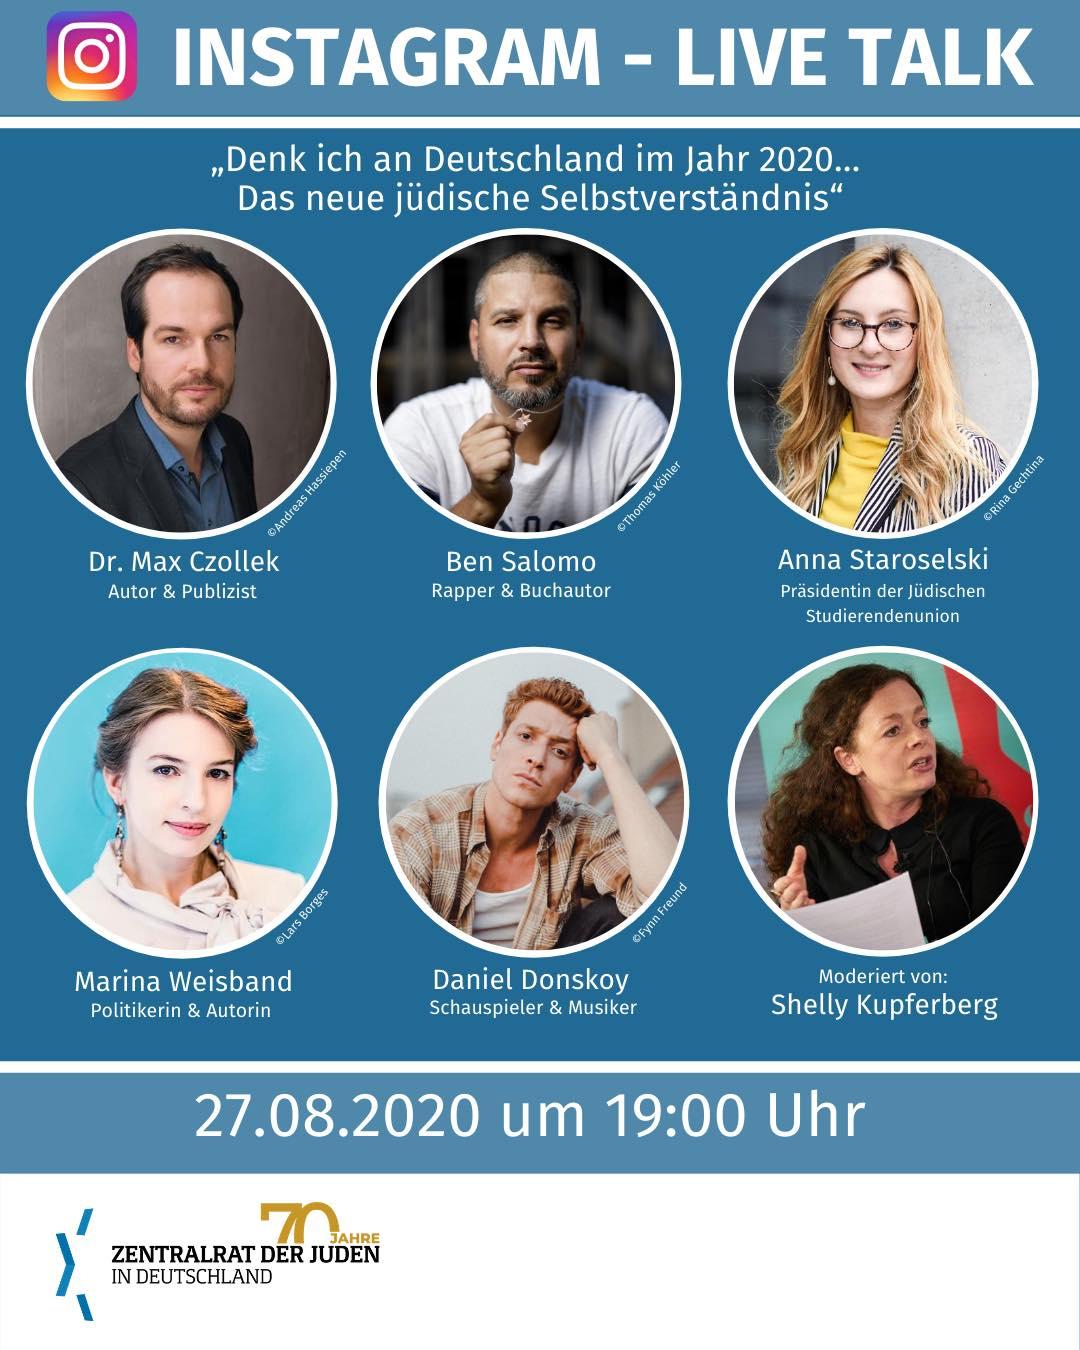 """INSTAGRAM-LIVE TALK: Donnerstag 19h - """"Denk ich an Deutschland im Jahr 2020… Das neue jüdische Selbstverständnis"""""""